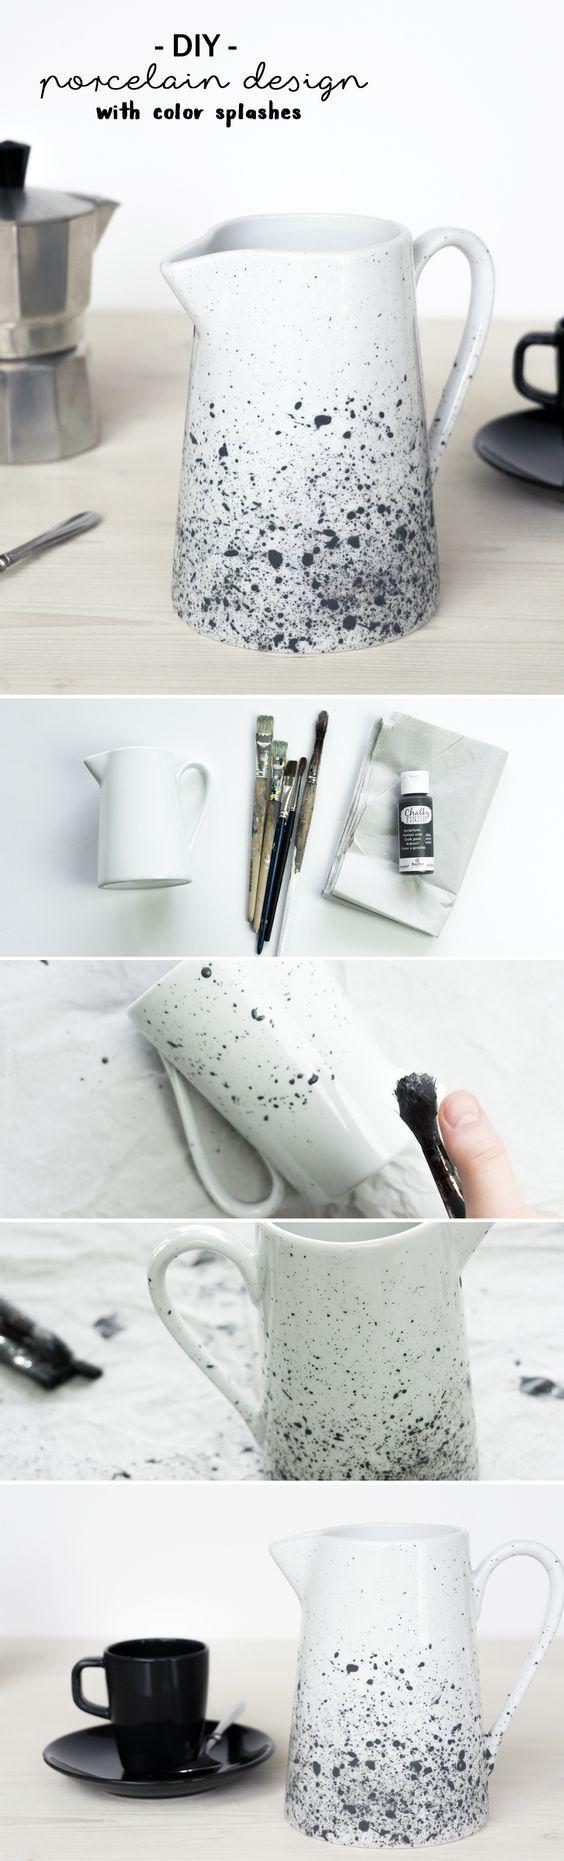 diy porzellan bemalen kanne mit sprenkelmuster home diy porzellan bemalen porzellan. Black Bedroom Furniture Sets. Home Design Ideas